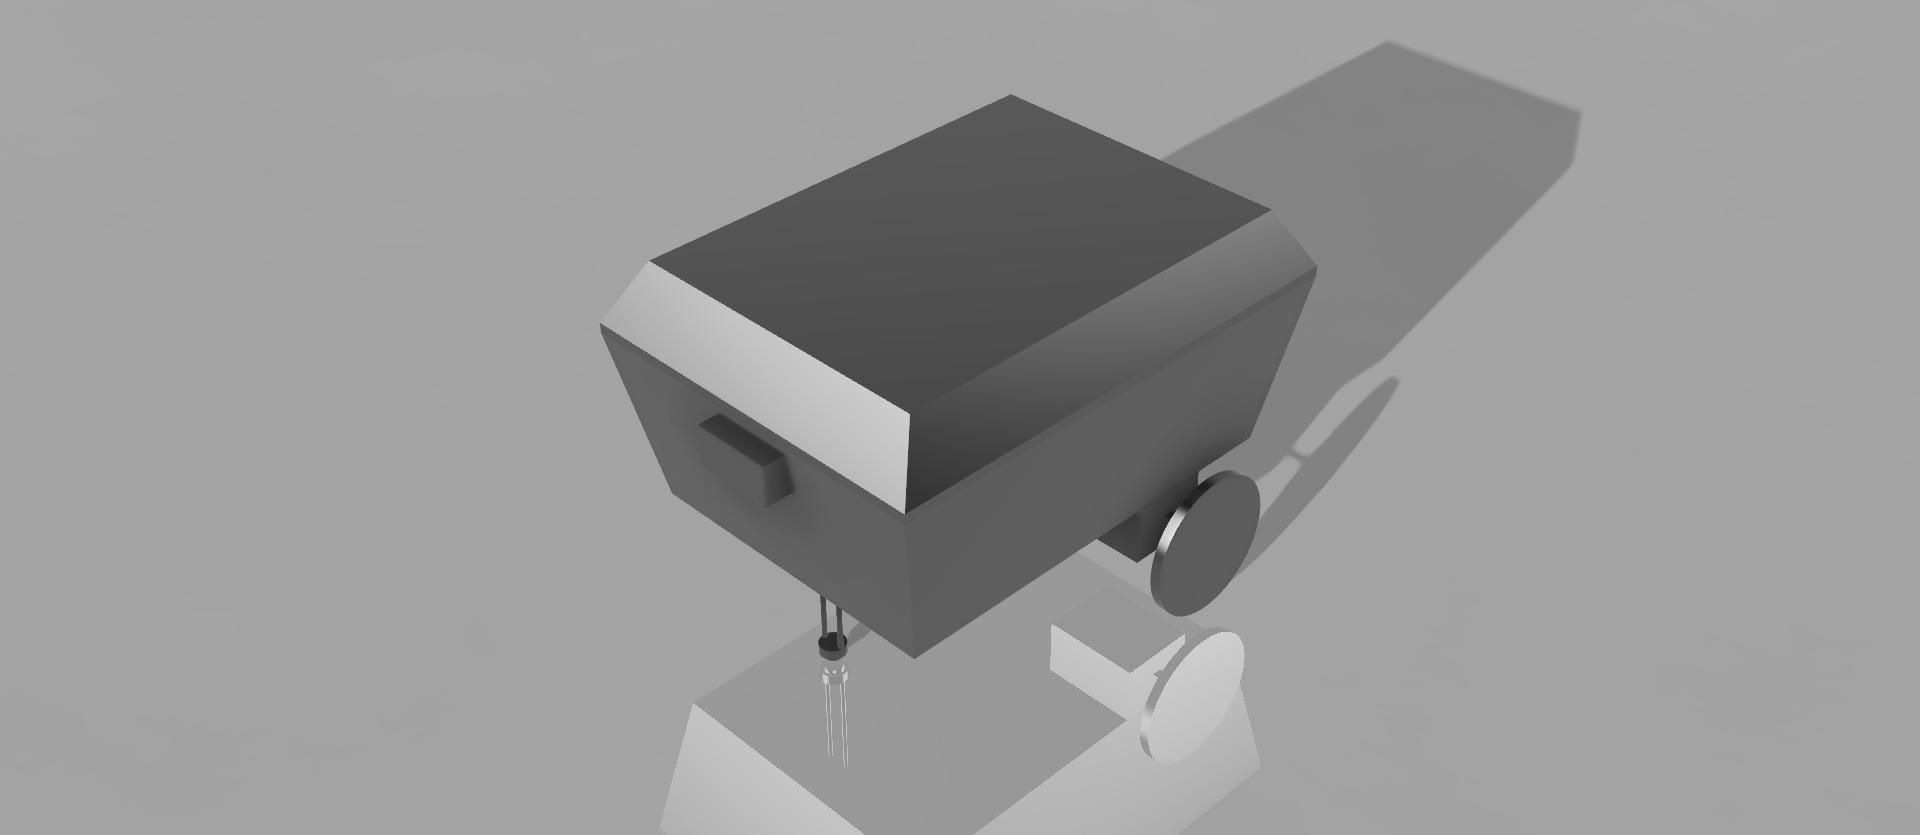 Rendered CAD Model - Home